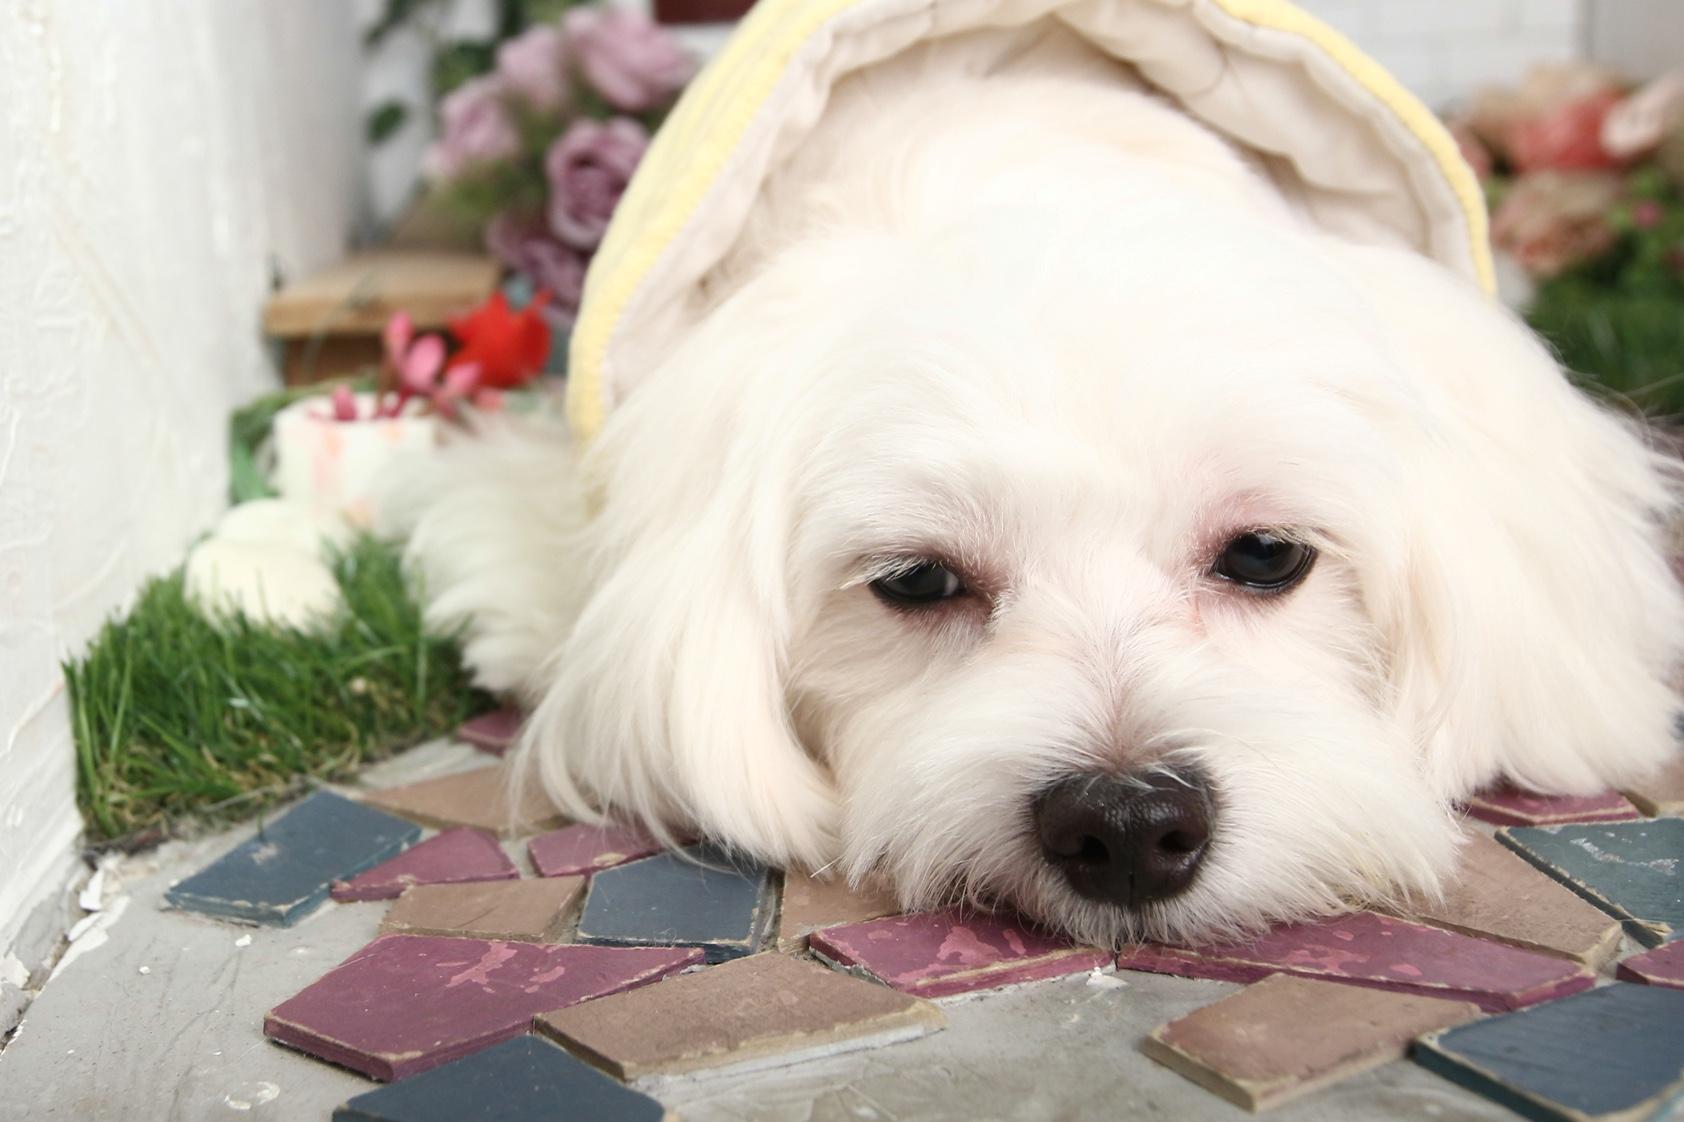 毛孩「心」事危機!小型犬患病率高達7成 寵物保健很重要